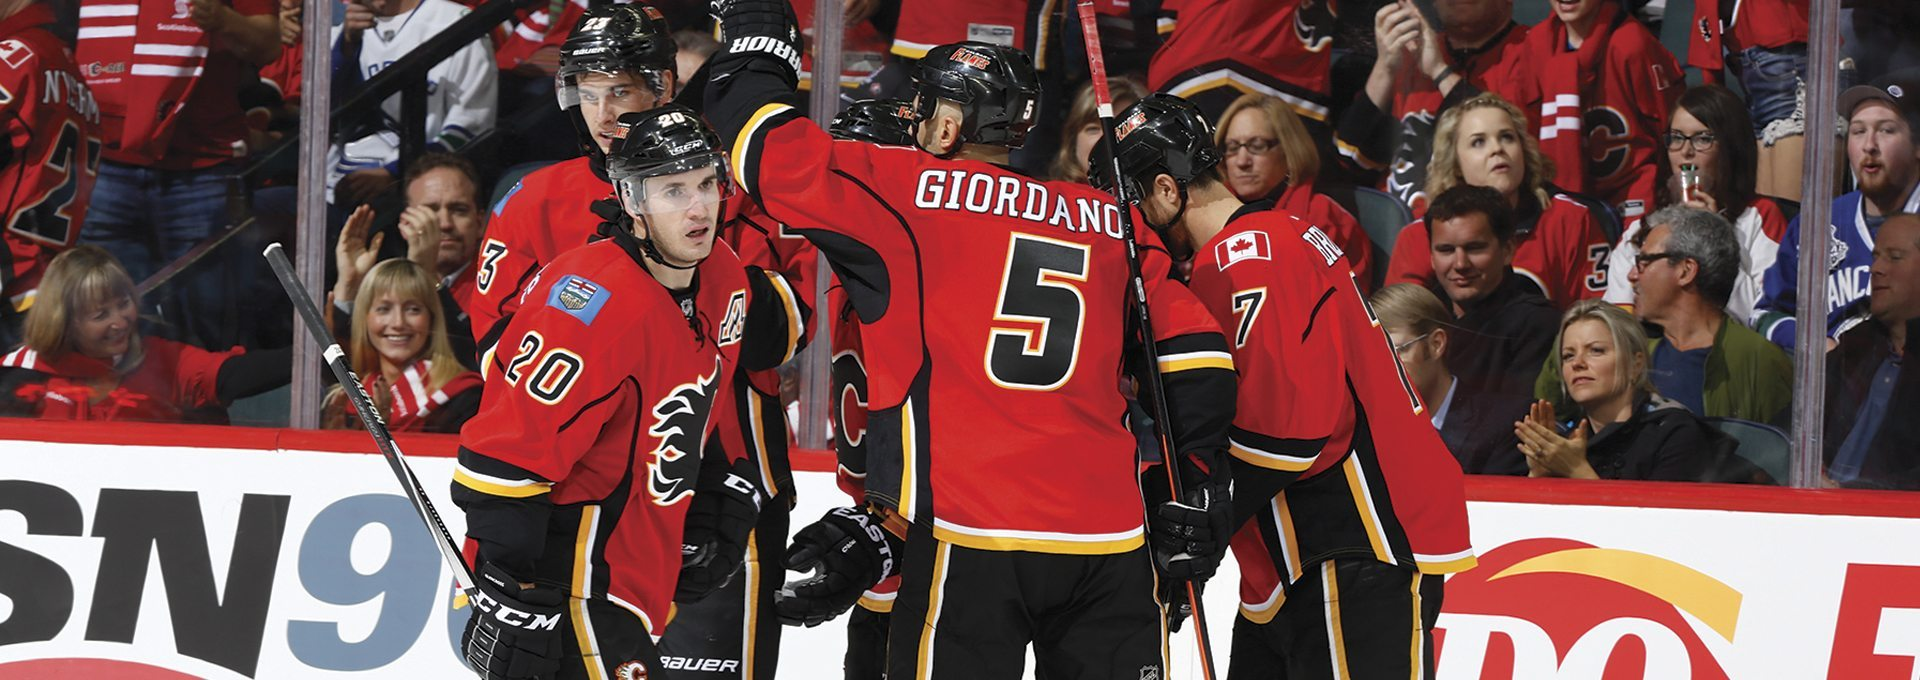 Ice Hockey – Calgary Flames